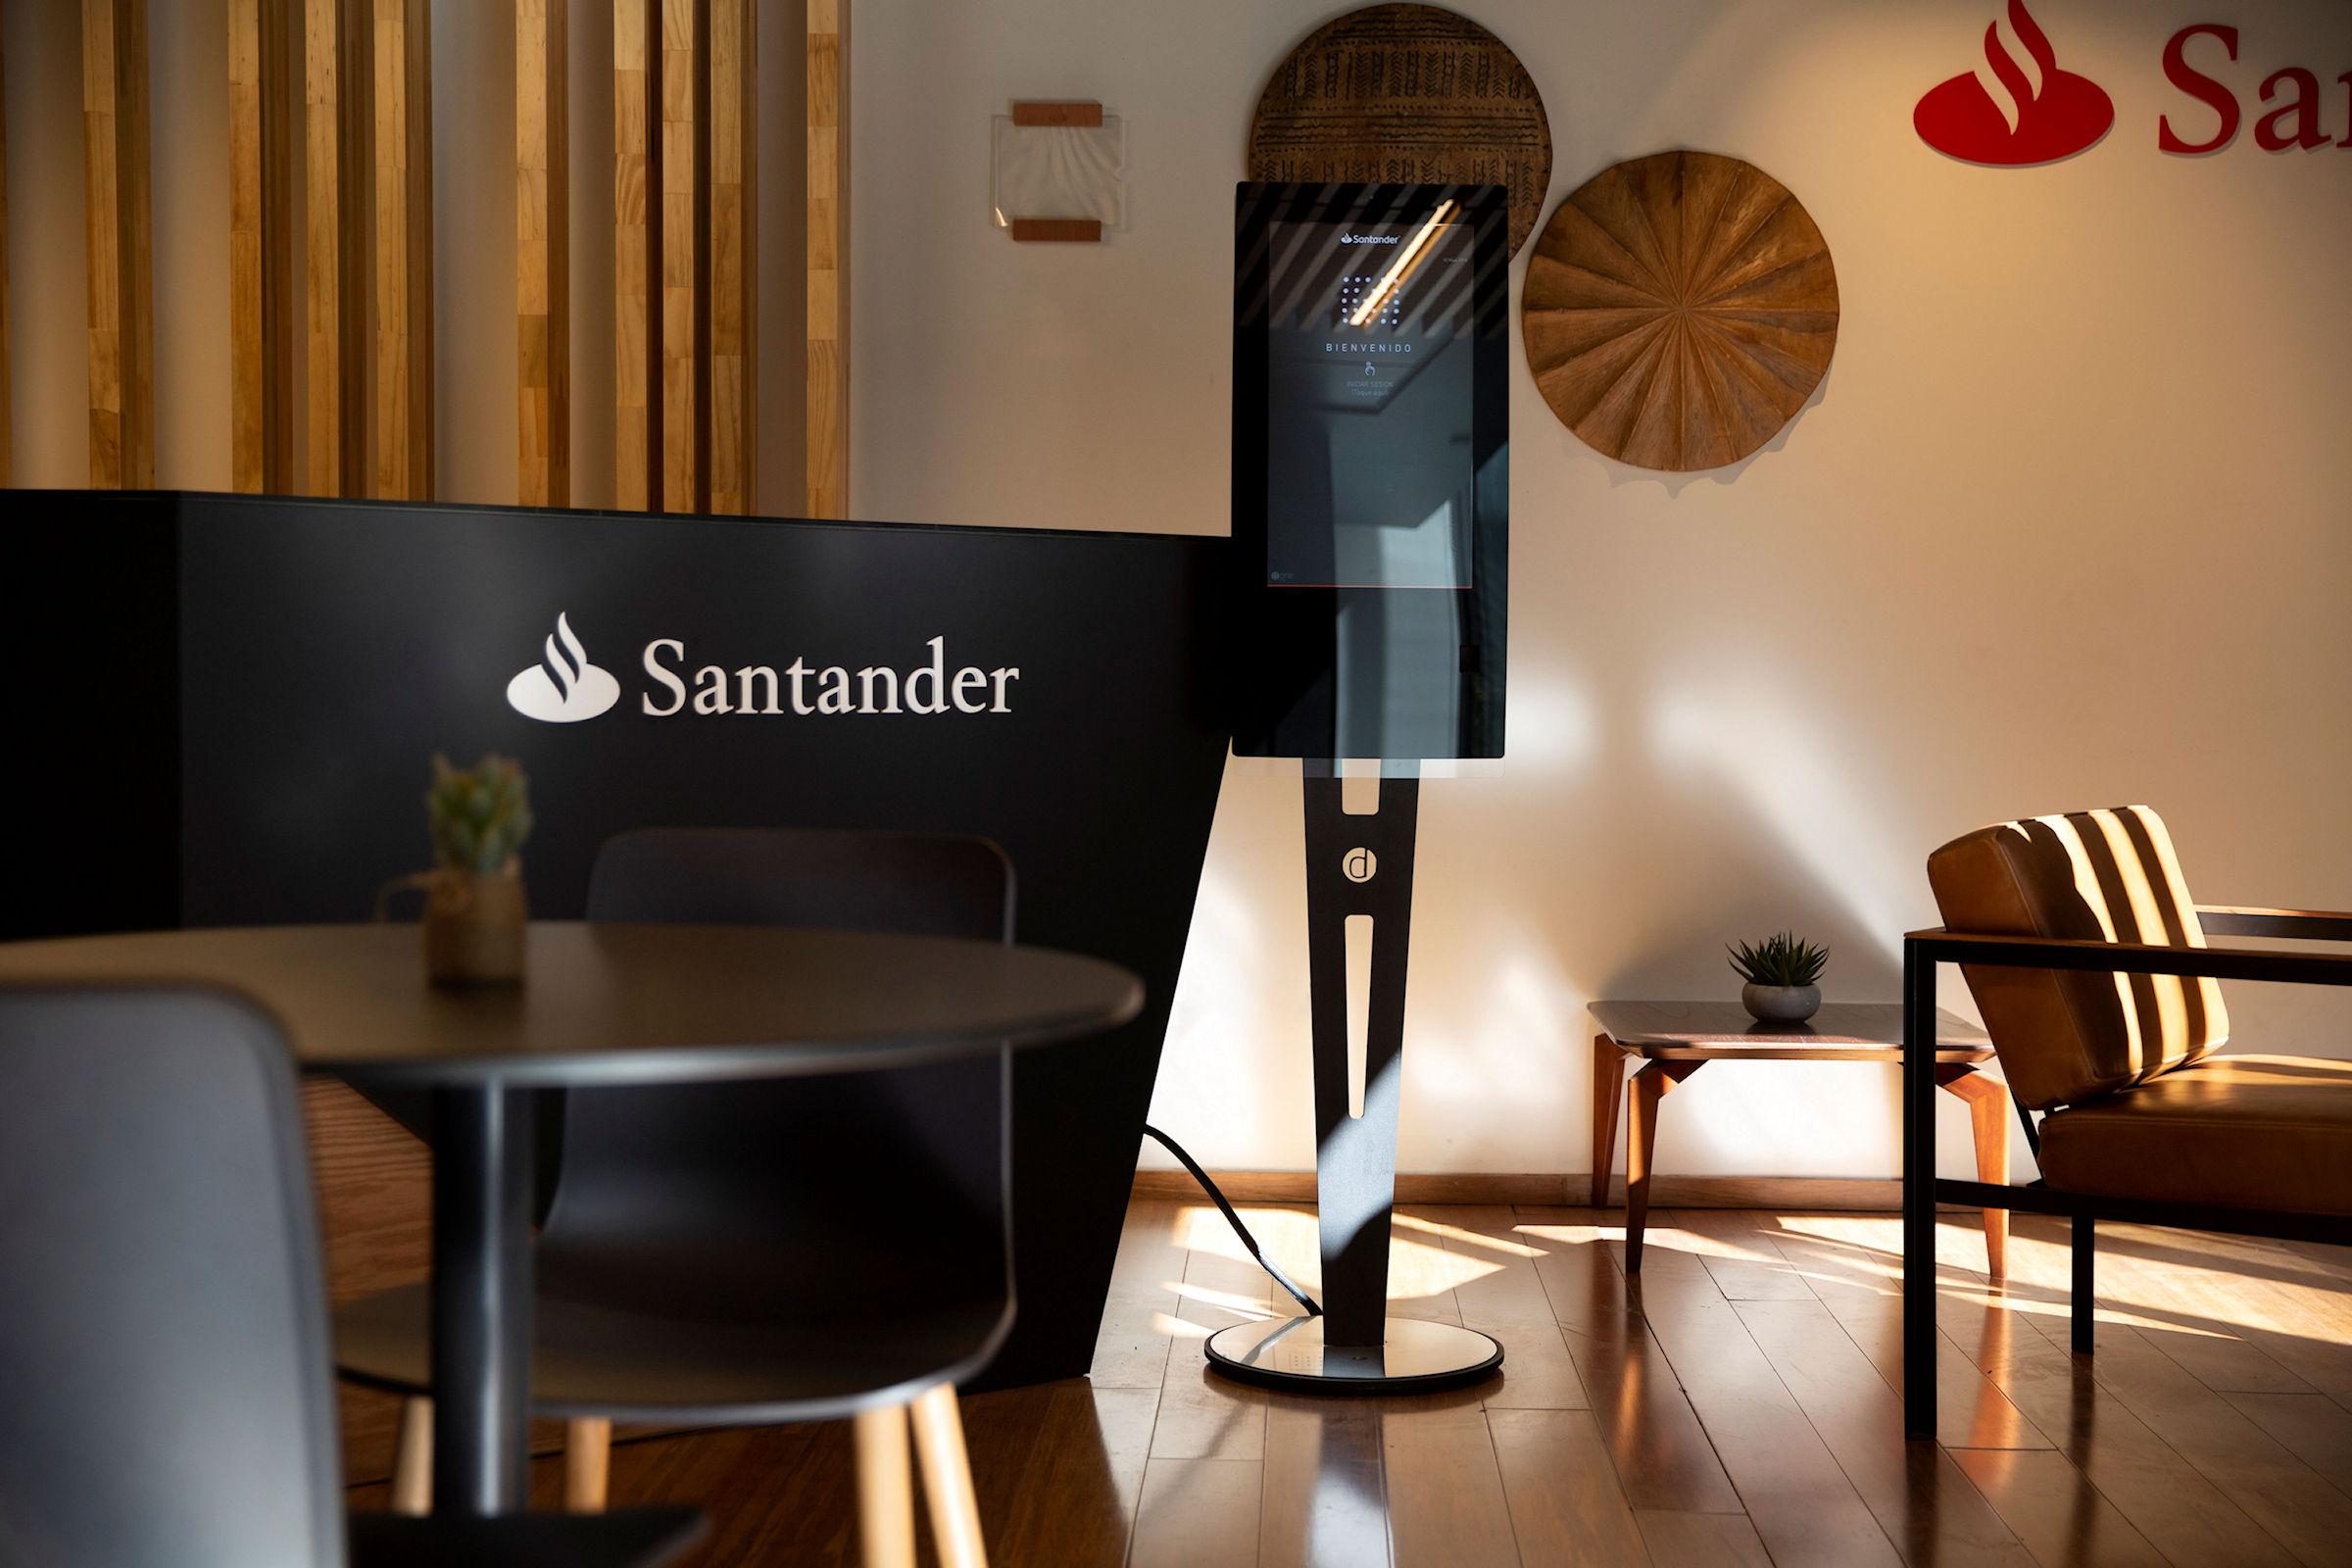 Santander kiosk